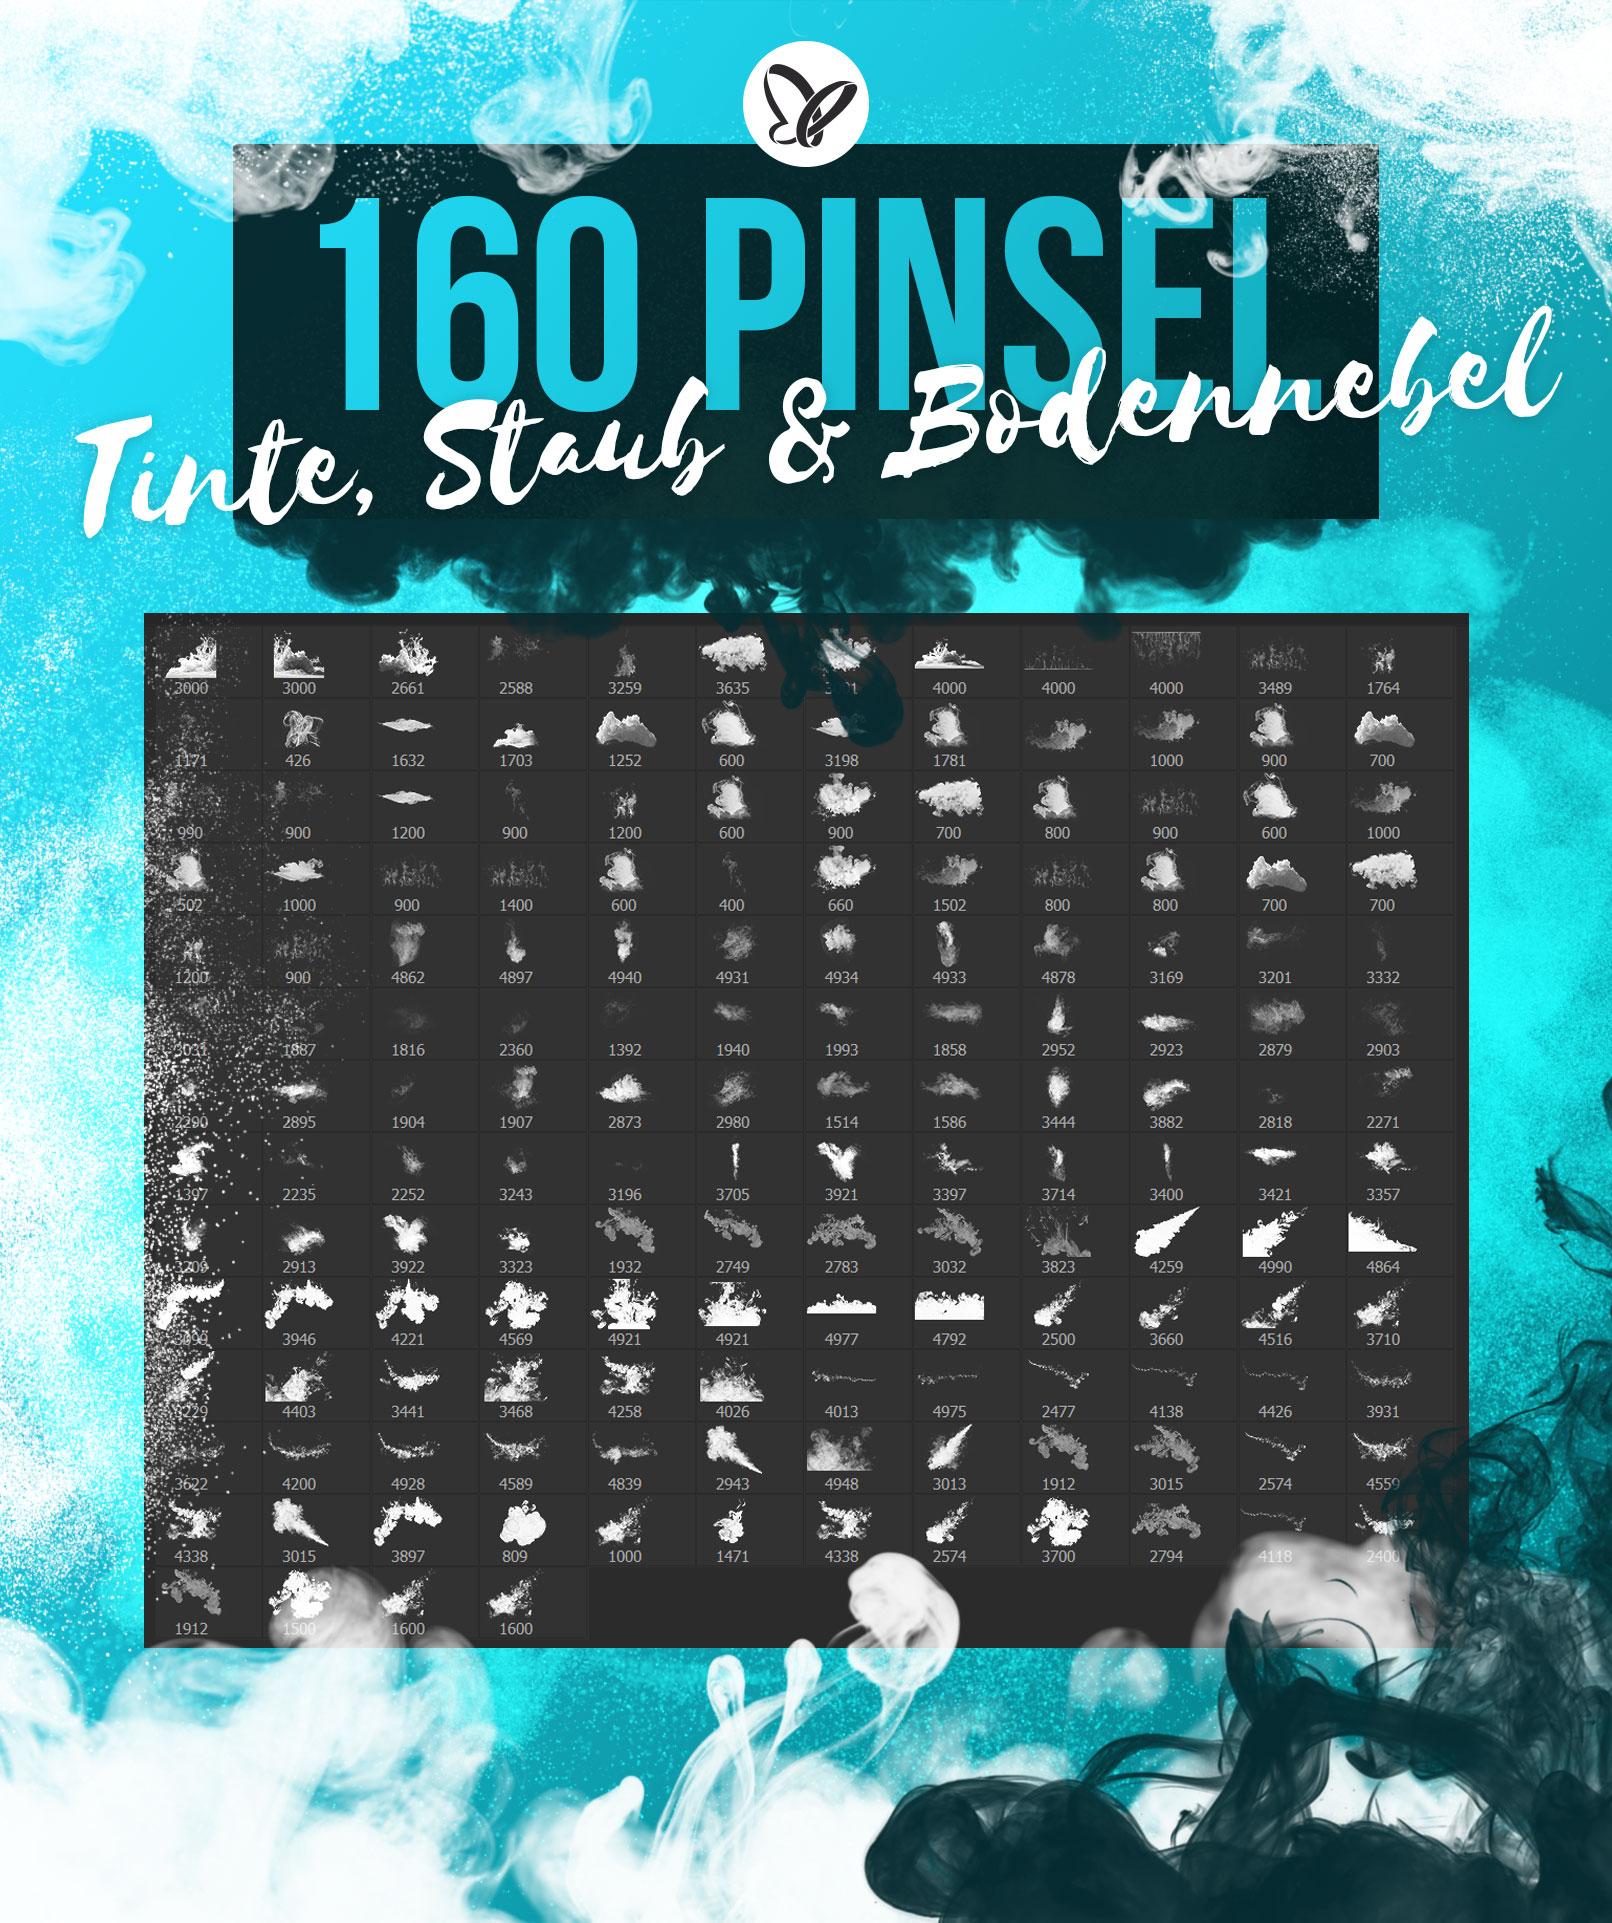 Vorschau der 160 Pinsel für Photoshop, GIMP und Co